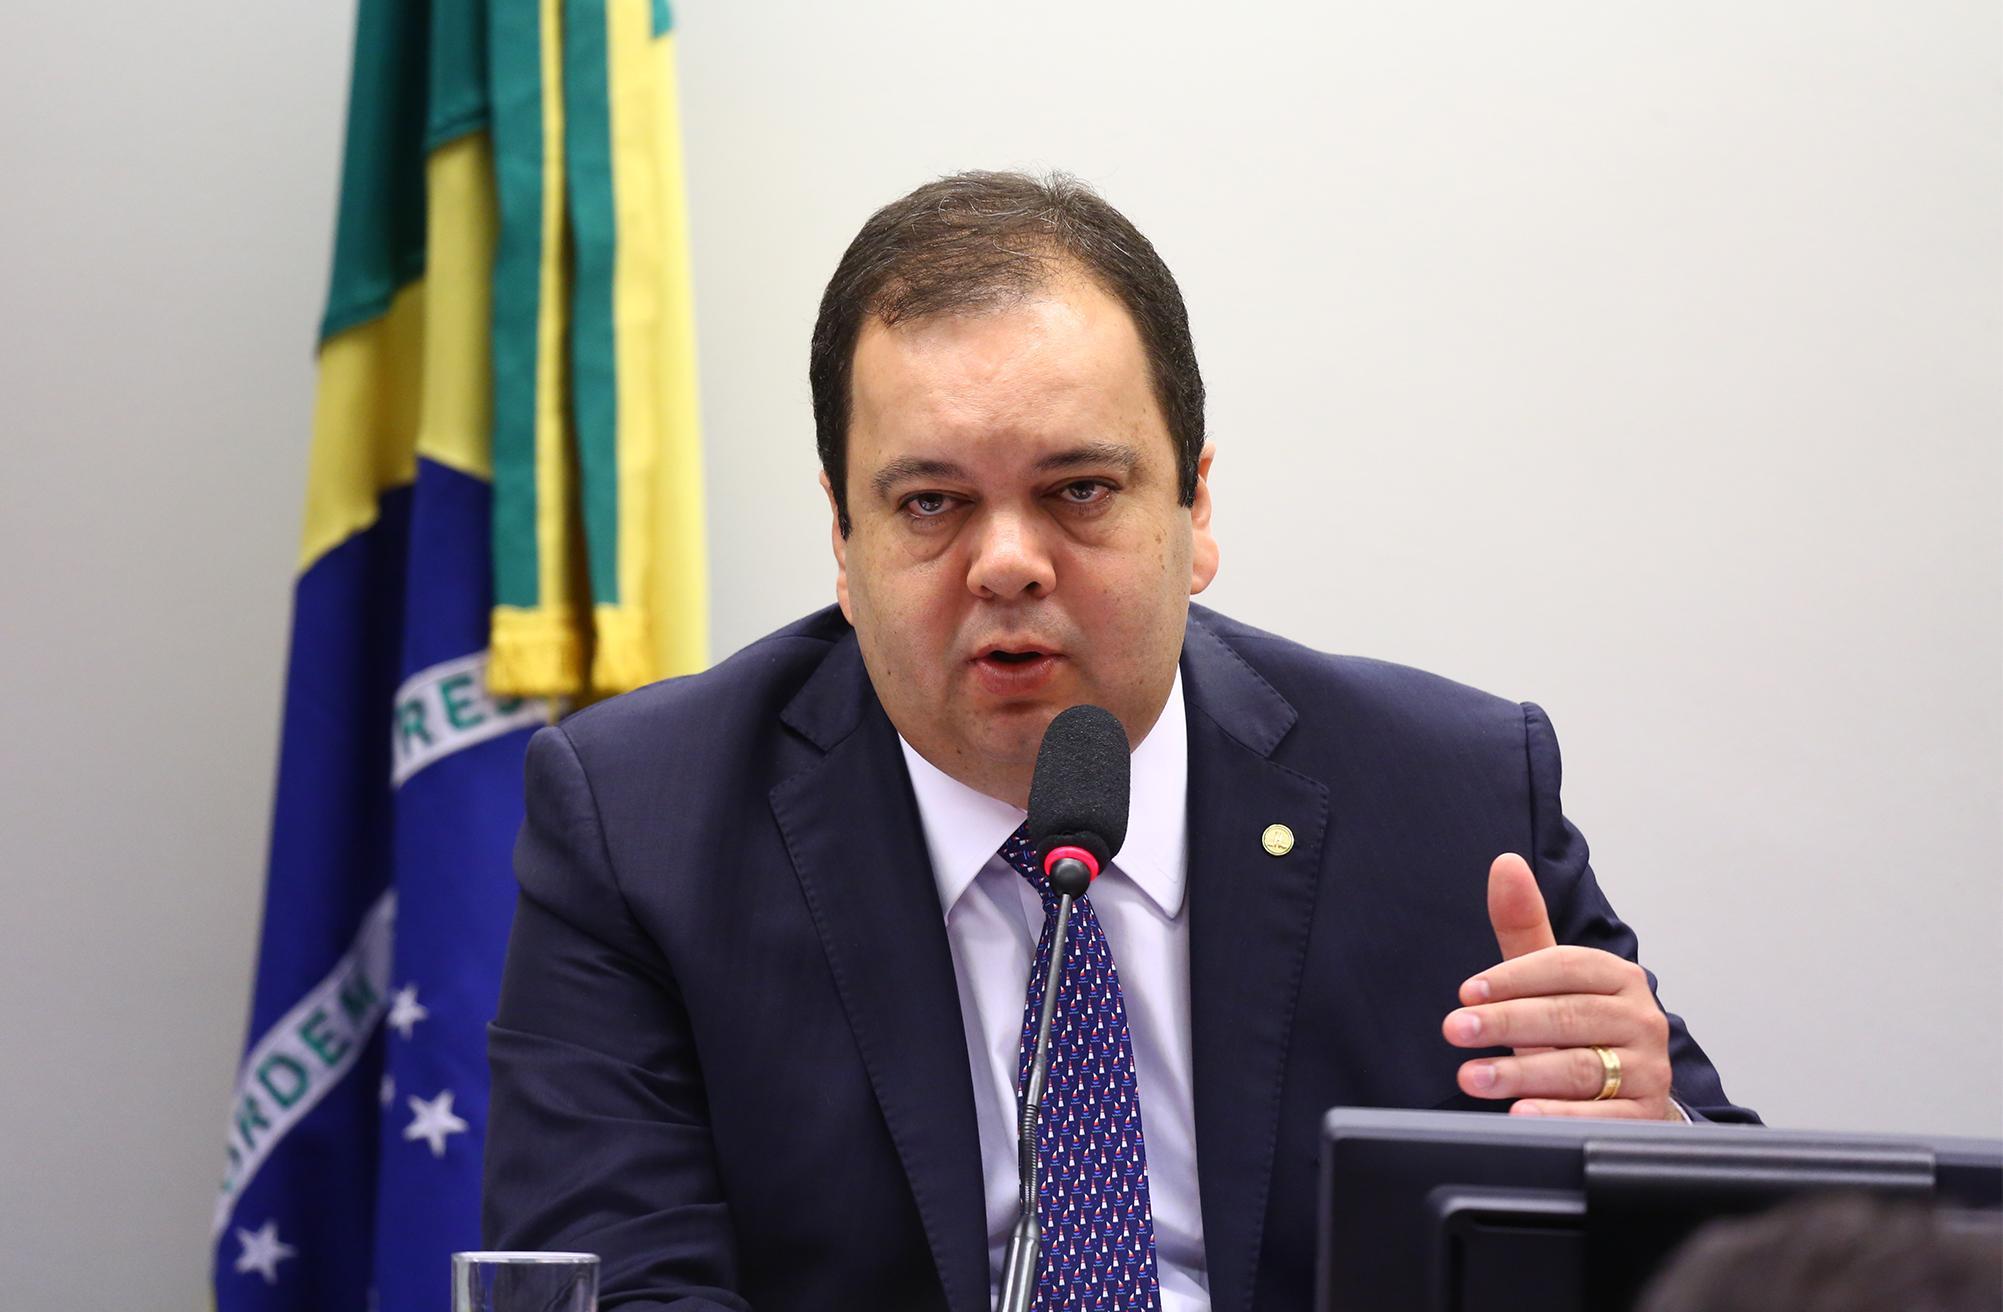 Discussão e votação de pareceres preliminares referentes a processos em desfavor dos deputados João Rodrigues (PSD/SC) e Jean Wyllys (PSOL.  Dep. Elmar Nascimento (DEM - BA)